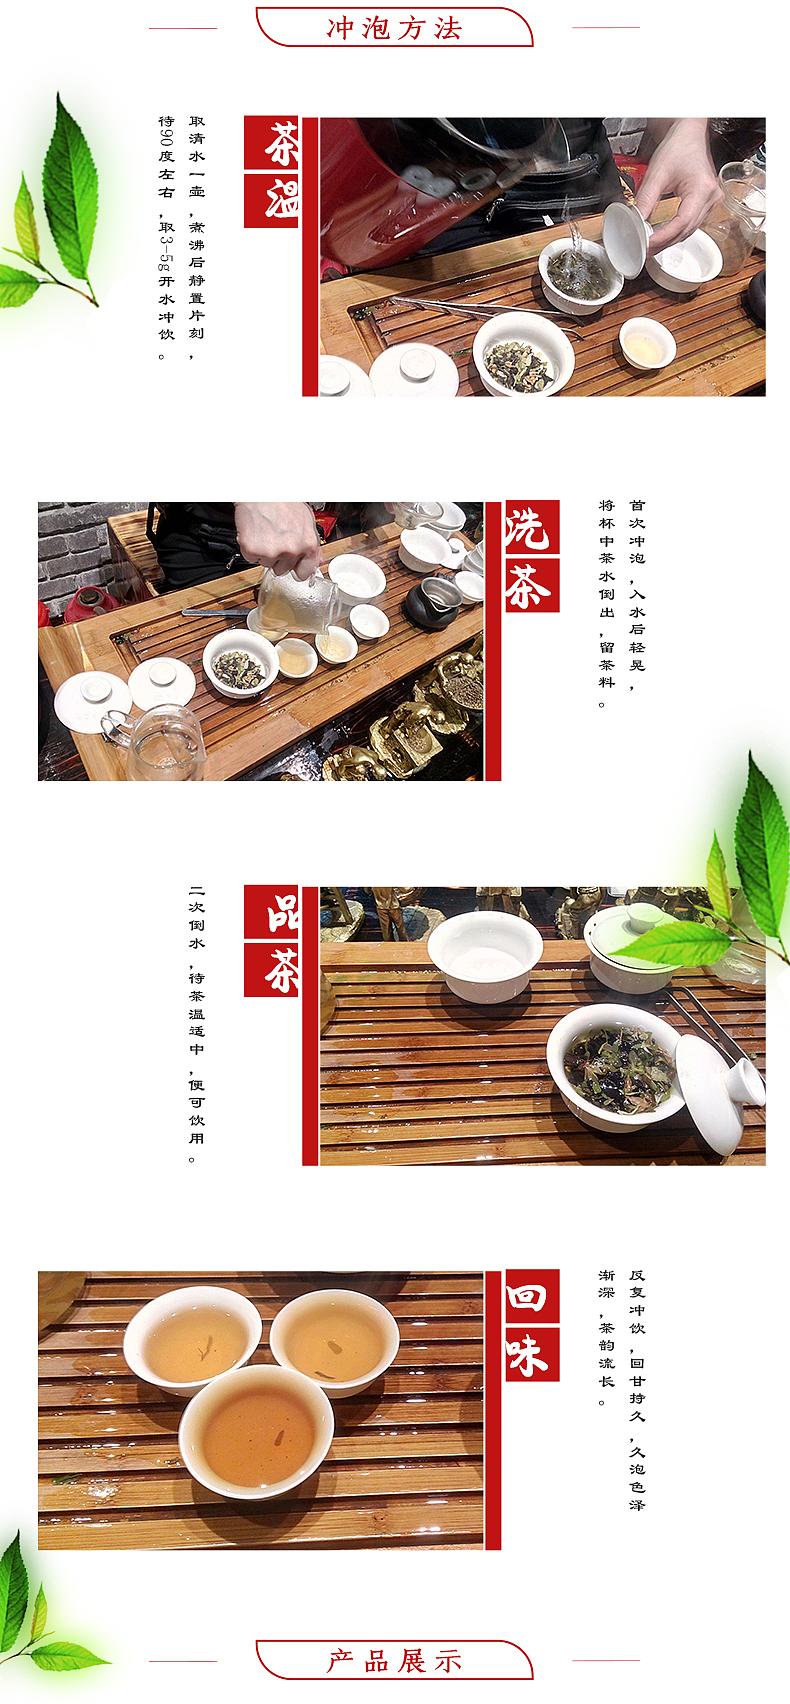 茶娘子(淘宝详情页)